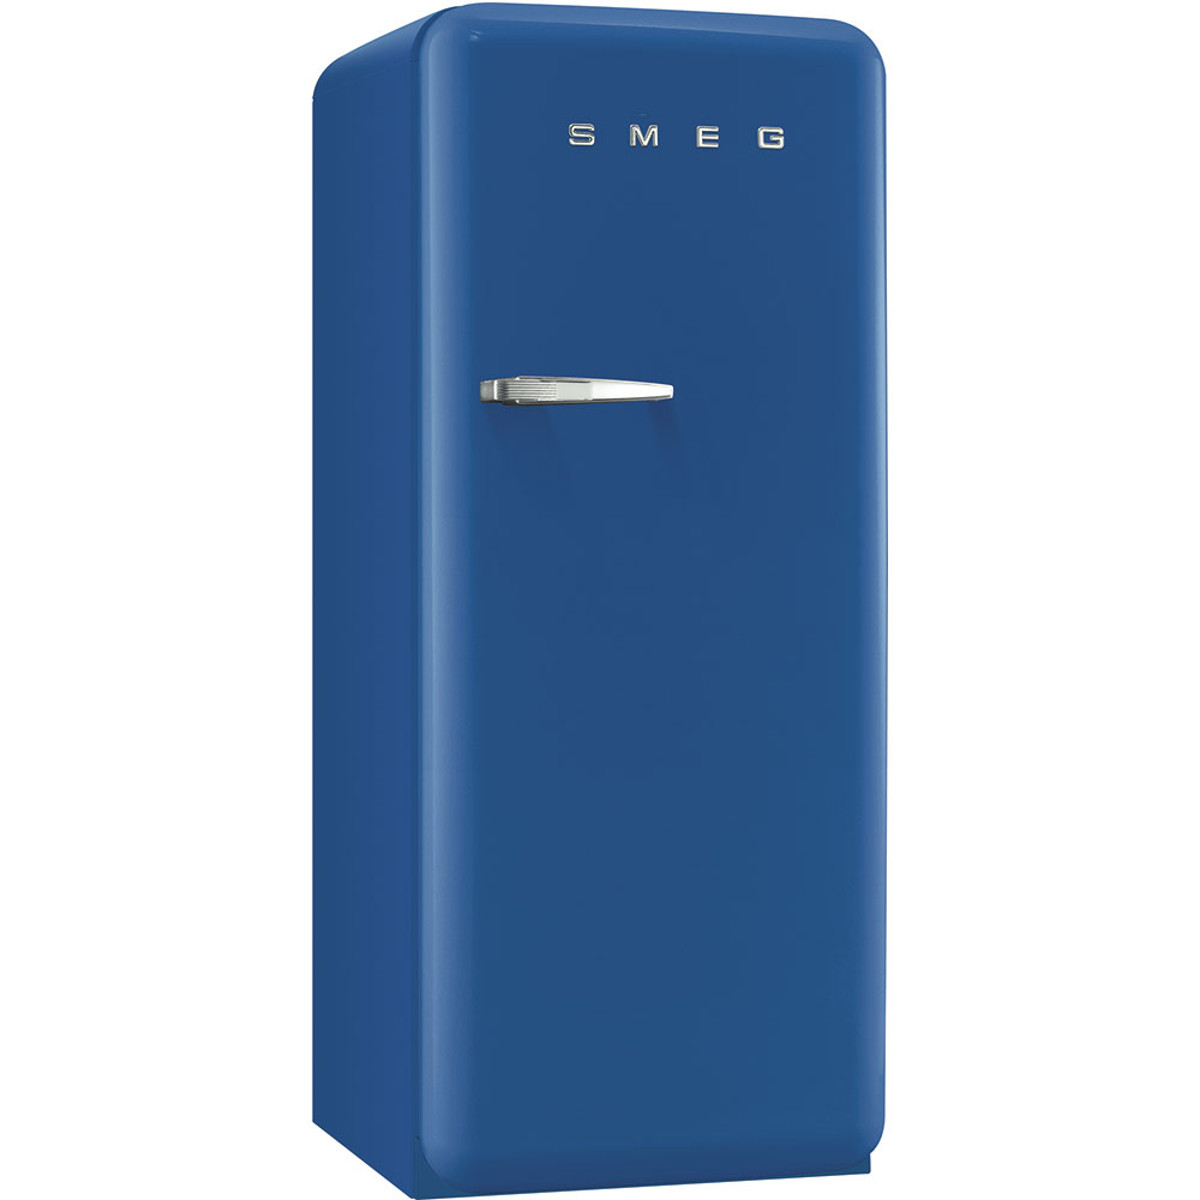 Smeg FAB28QBL1 50's Style Fridge with Freezer Compartment – Blue